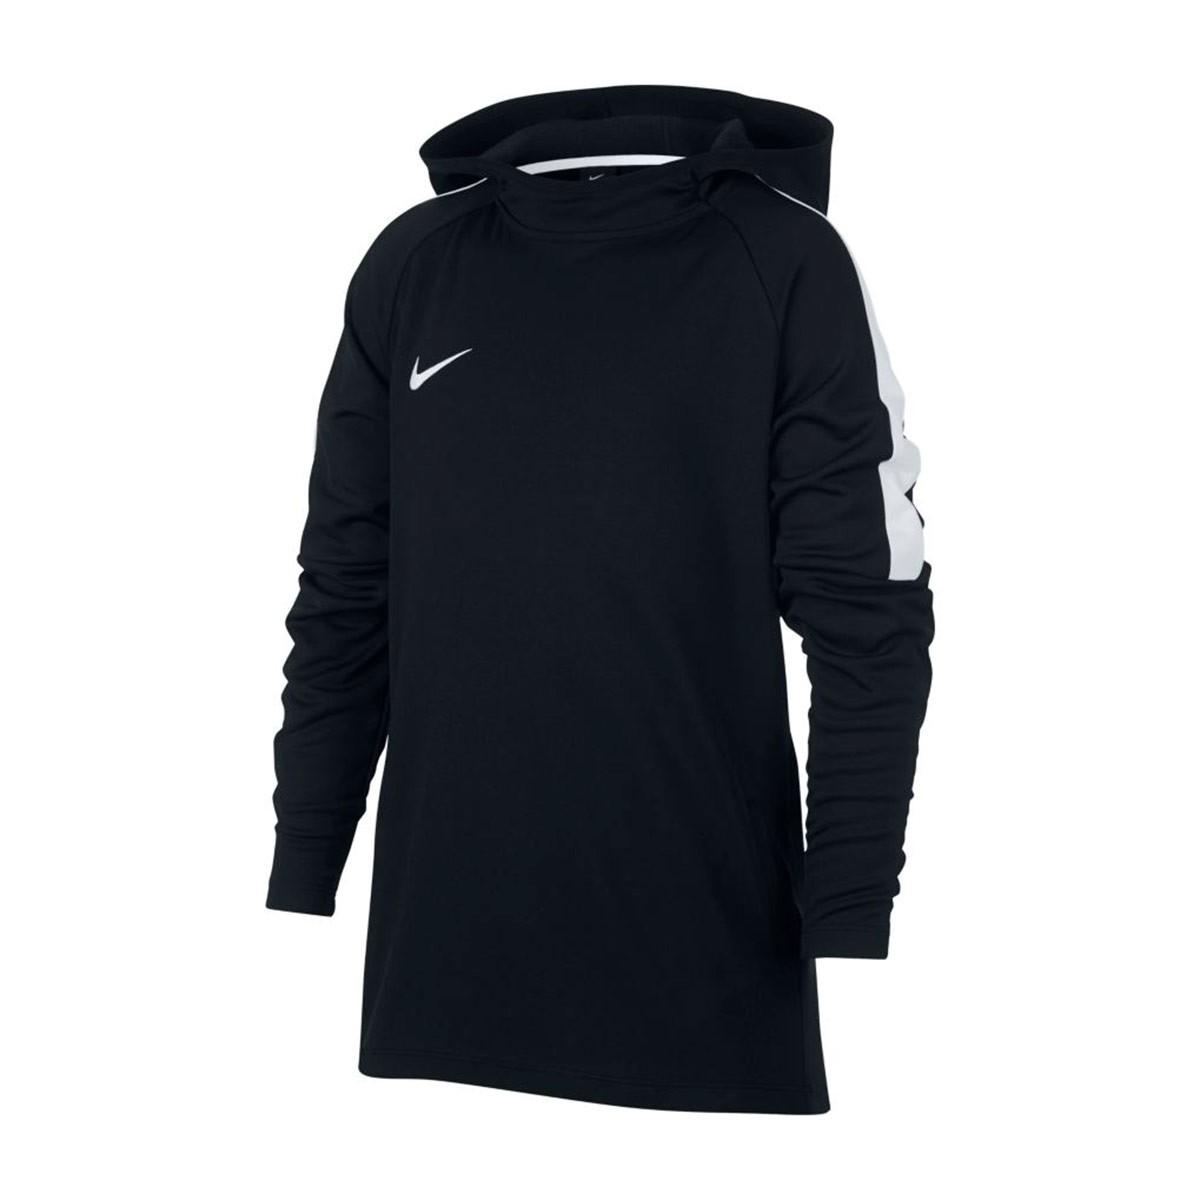 Nike Dry Academy Sweatshirt Kids Hoodie TlKFc1J3